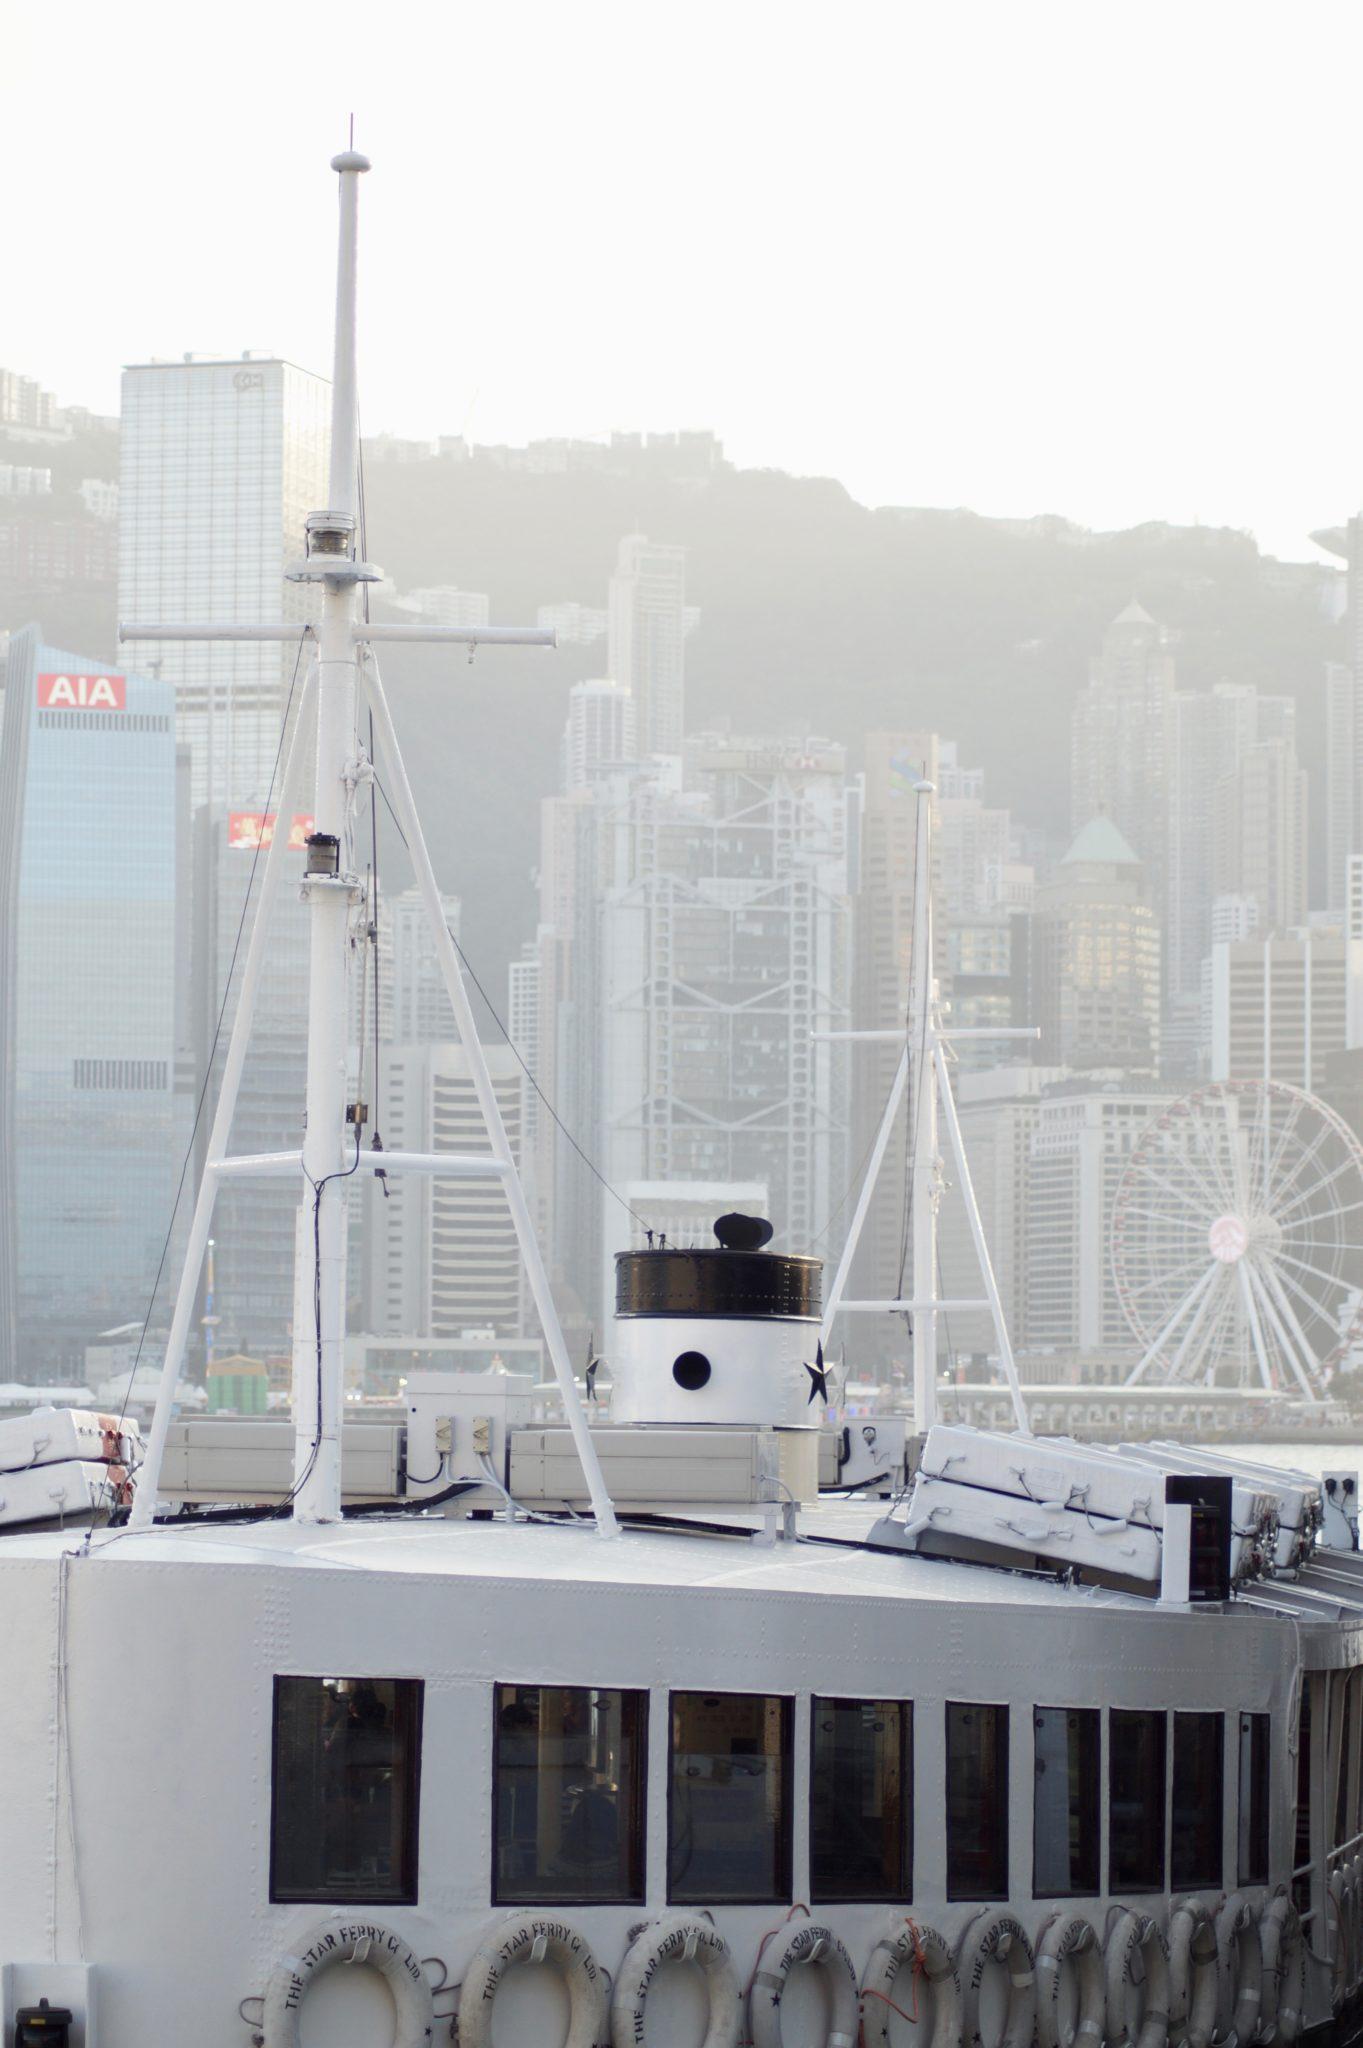 Hongkong Reisetipps: Die Star Ferry ist ein echtes Highlight